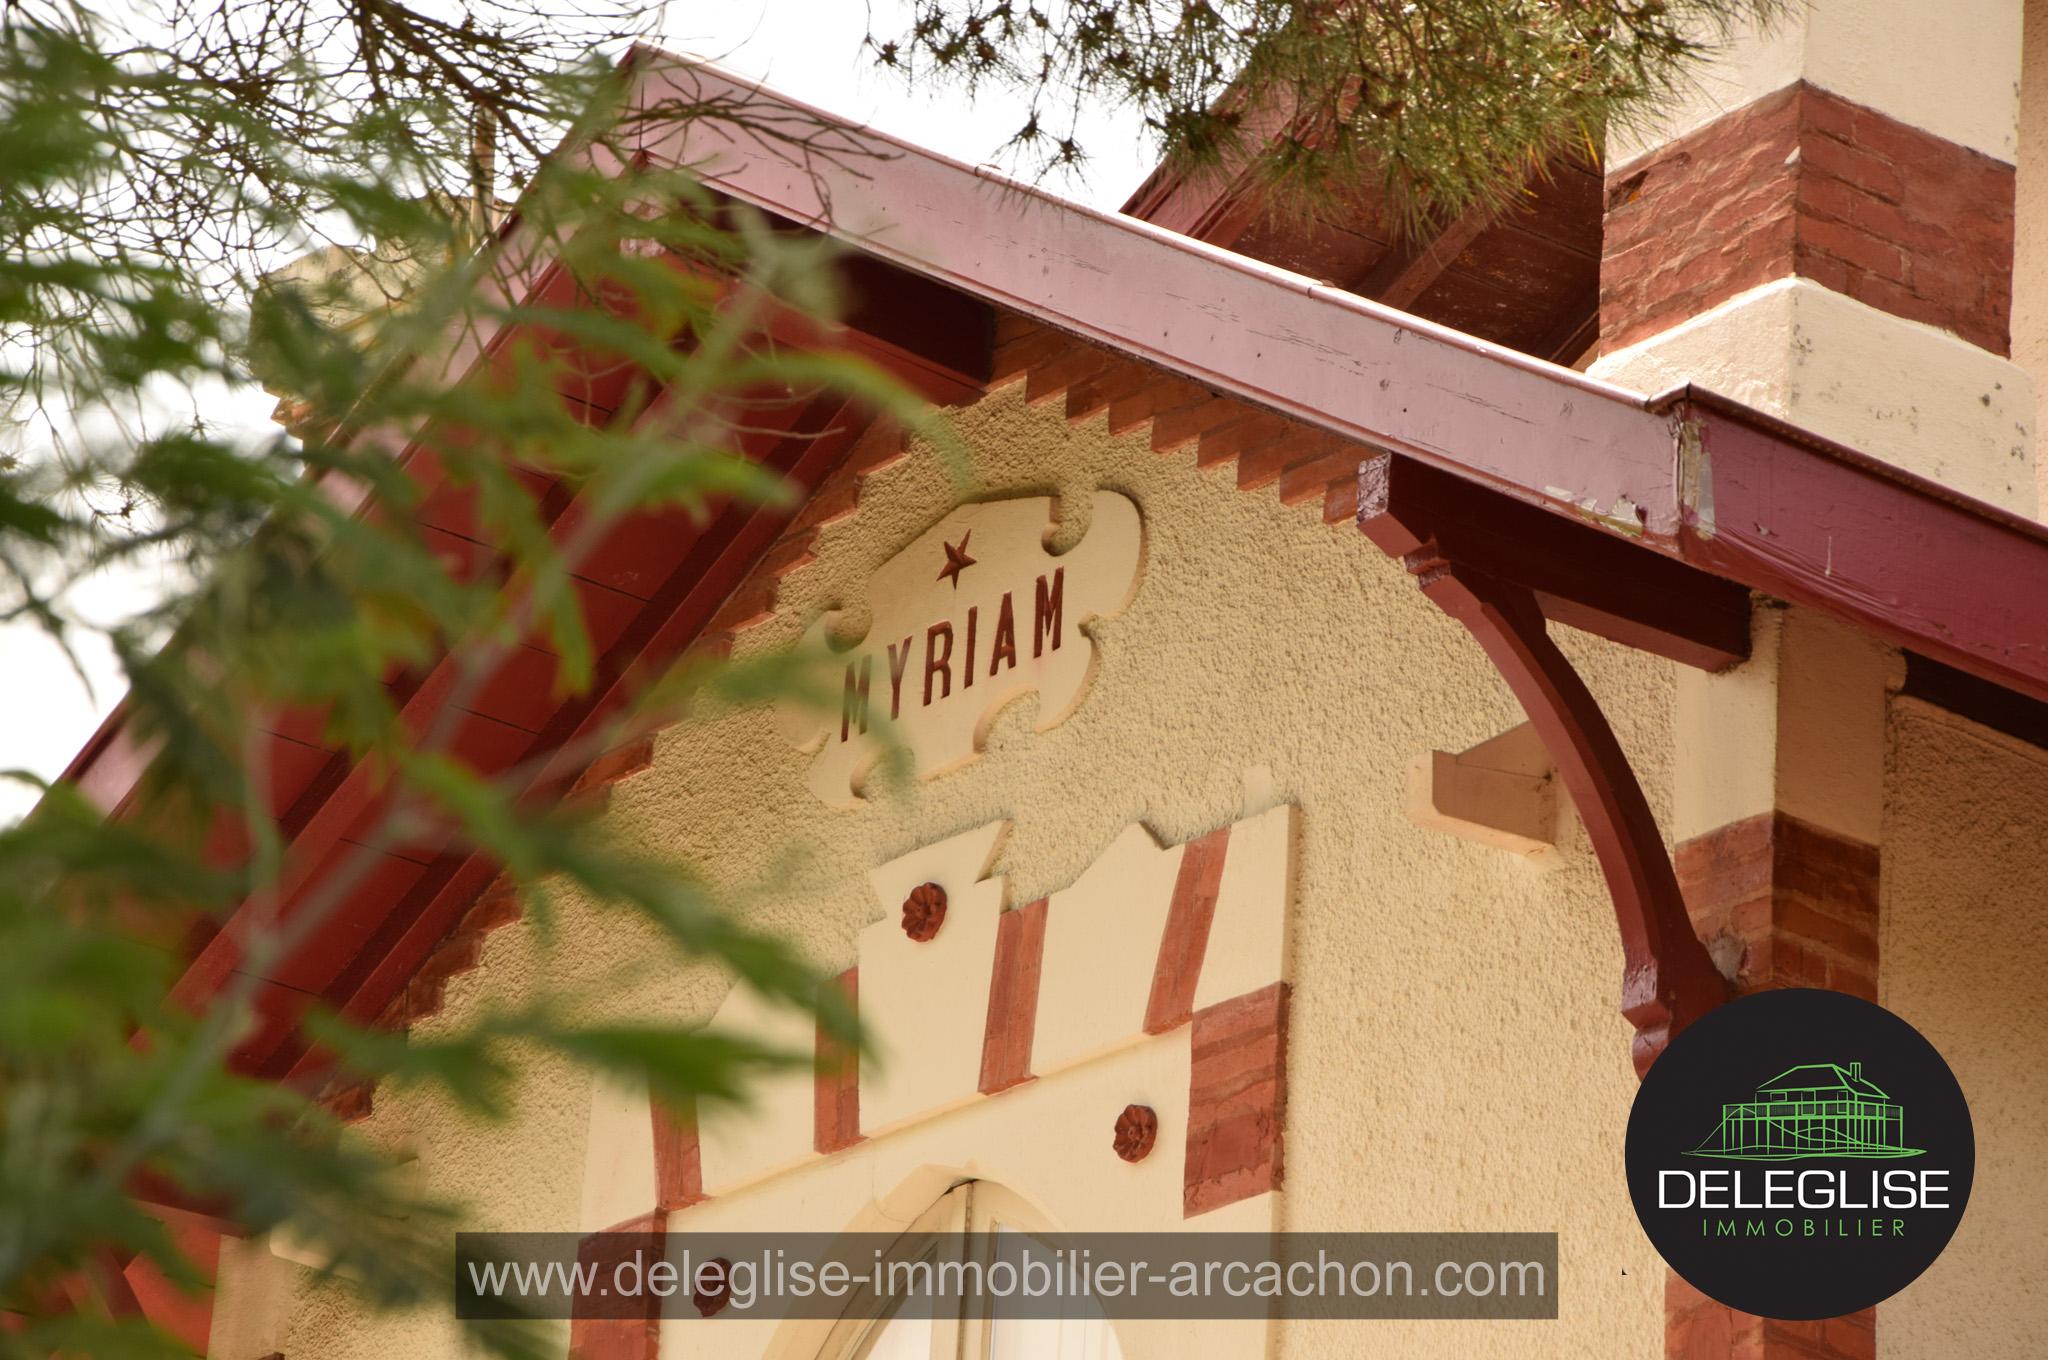 Myriam Villa Arcachonnaise en ville d'Hiver